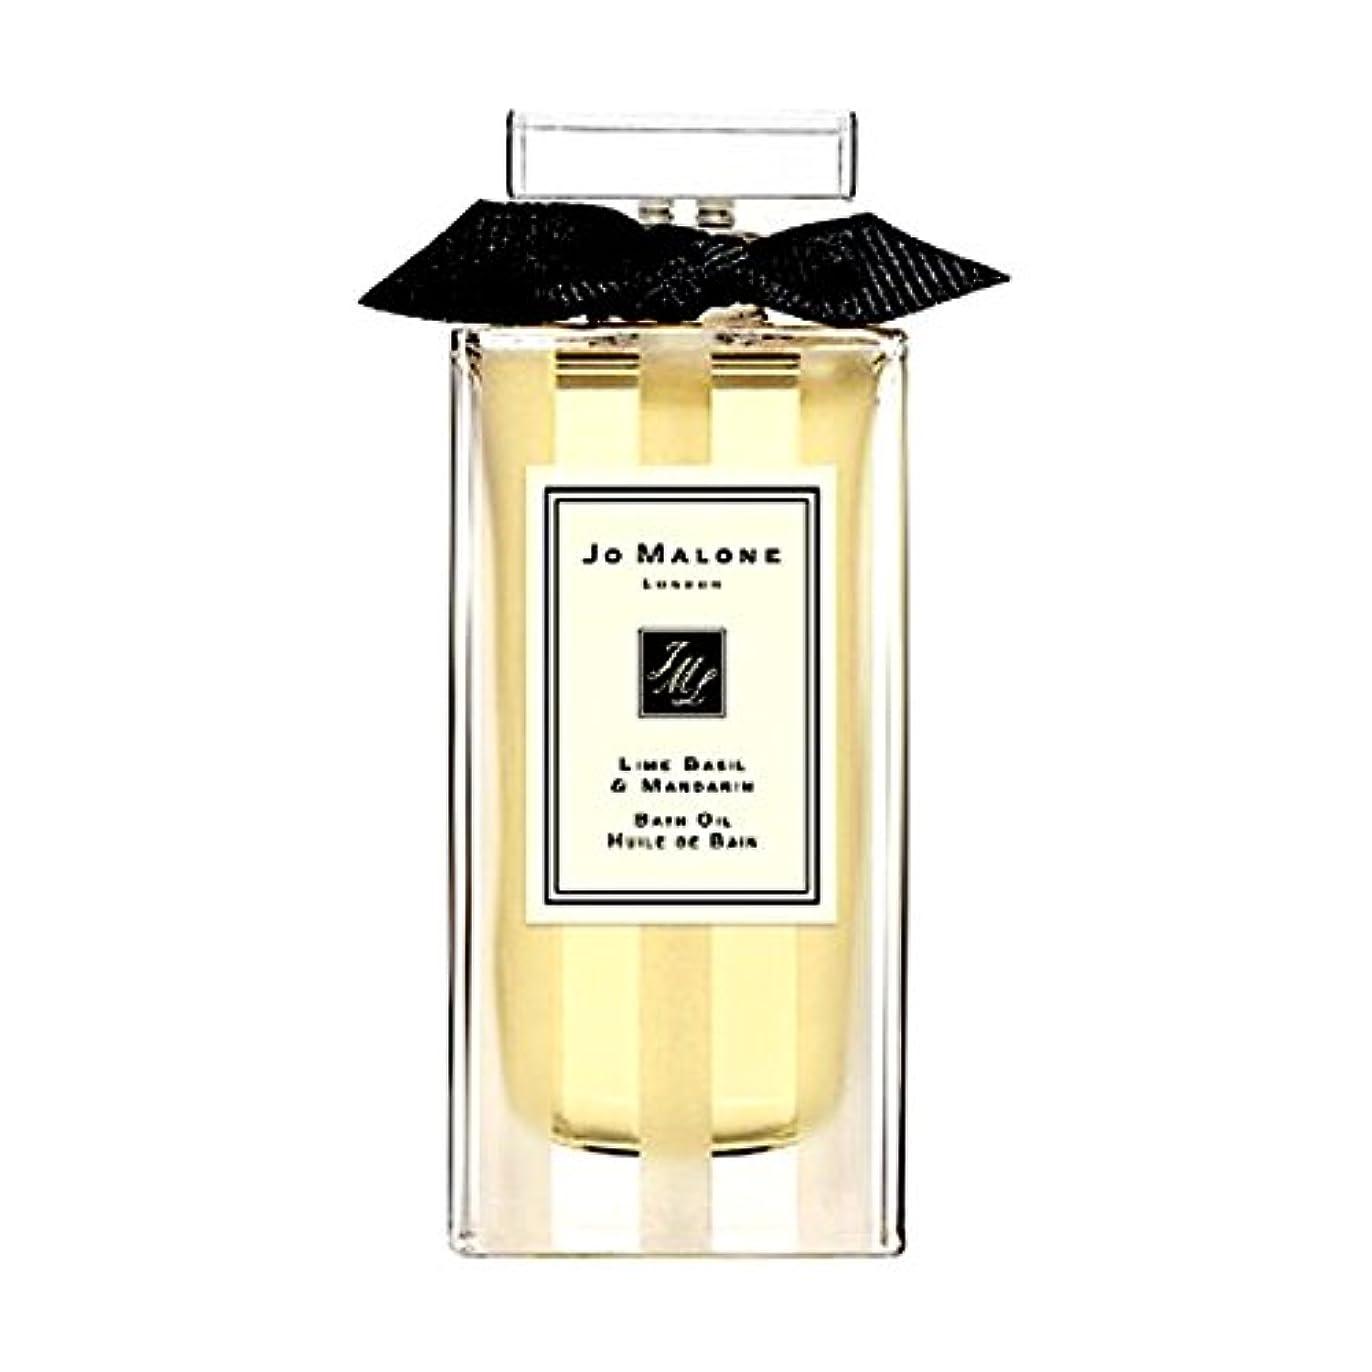 とげリットルノミネートJo Maloneジョーマローン, バスオイル -ライムバジル&マンダリン (30ml),' Lime Basil & Mandarin' Bath Oil (1oz) [海外直送品] [並行輸入品]